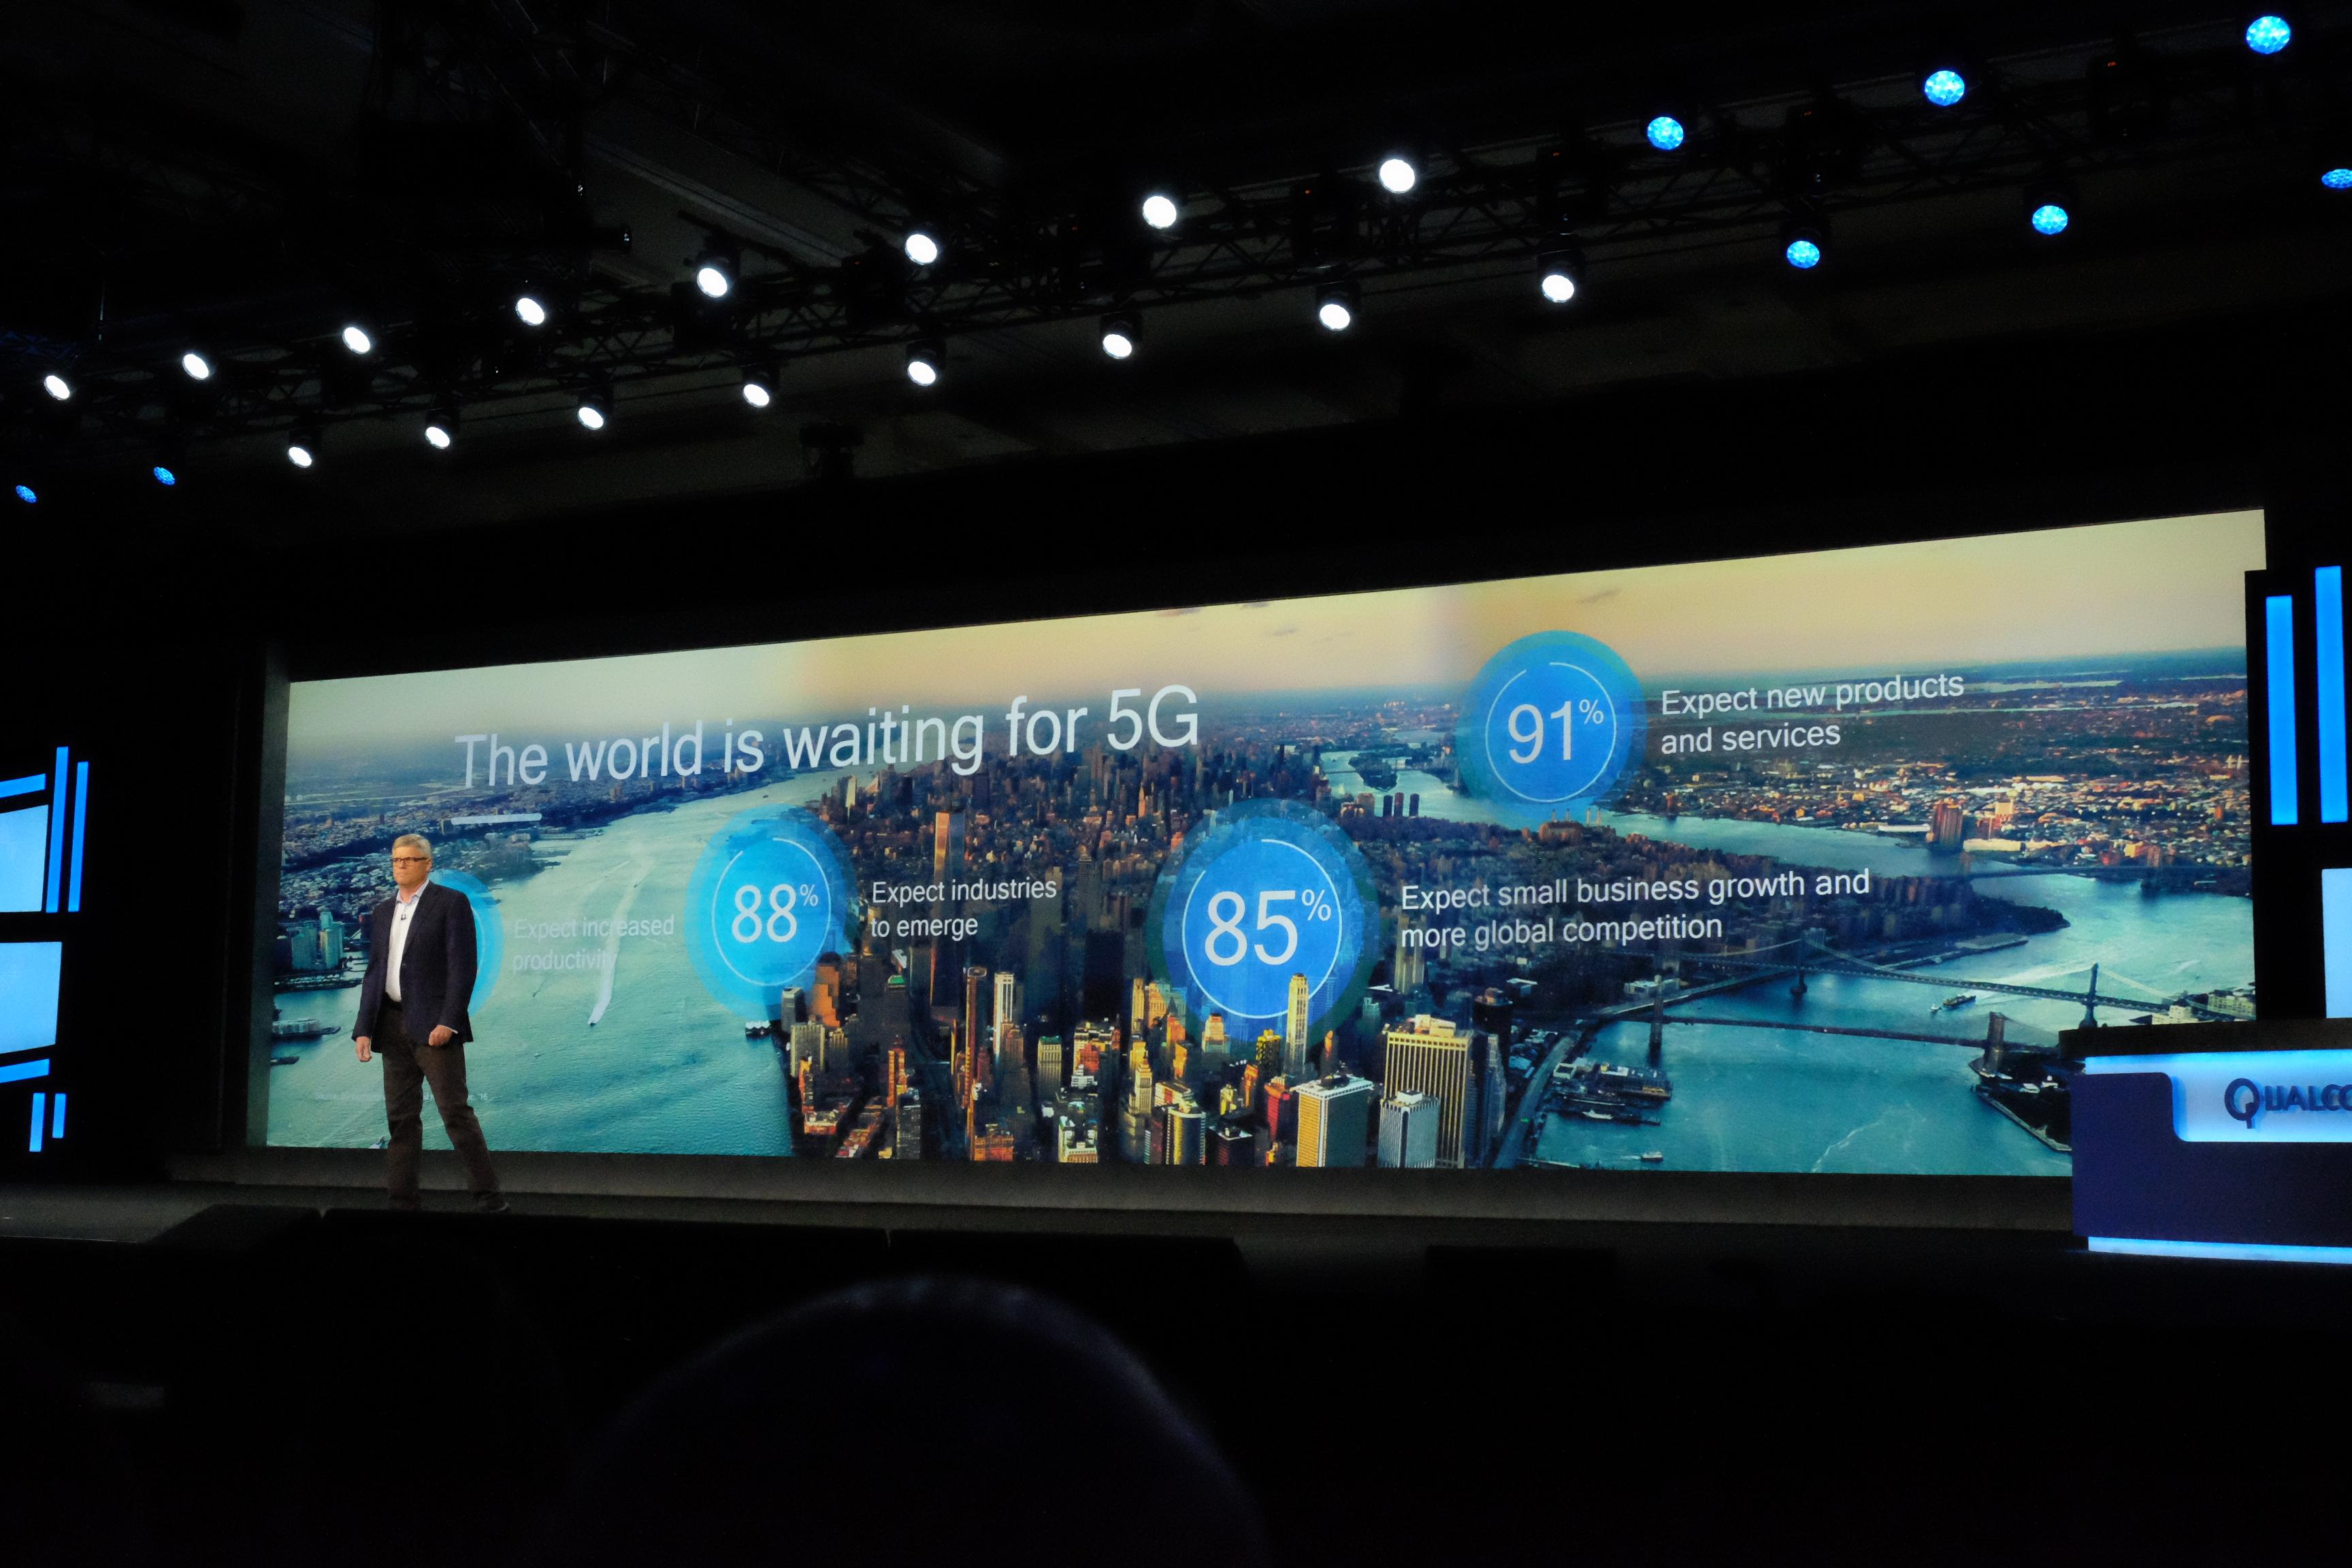 Qualcommは5Gが様々な経済的恩恵をもたらすことを期待。